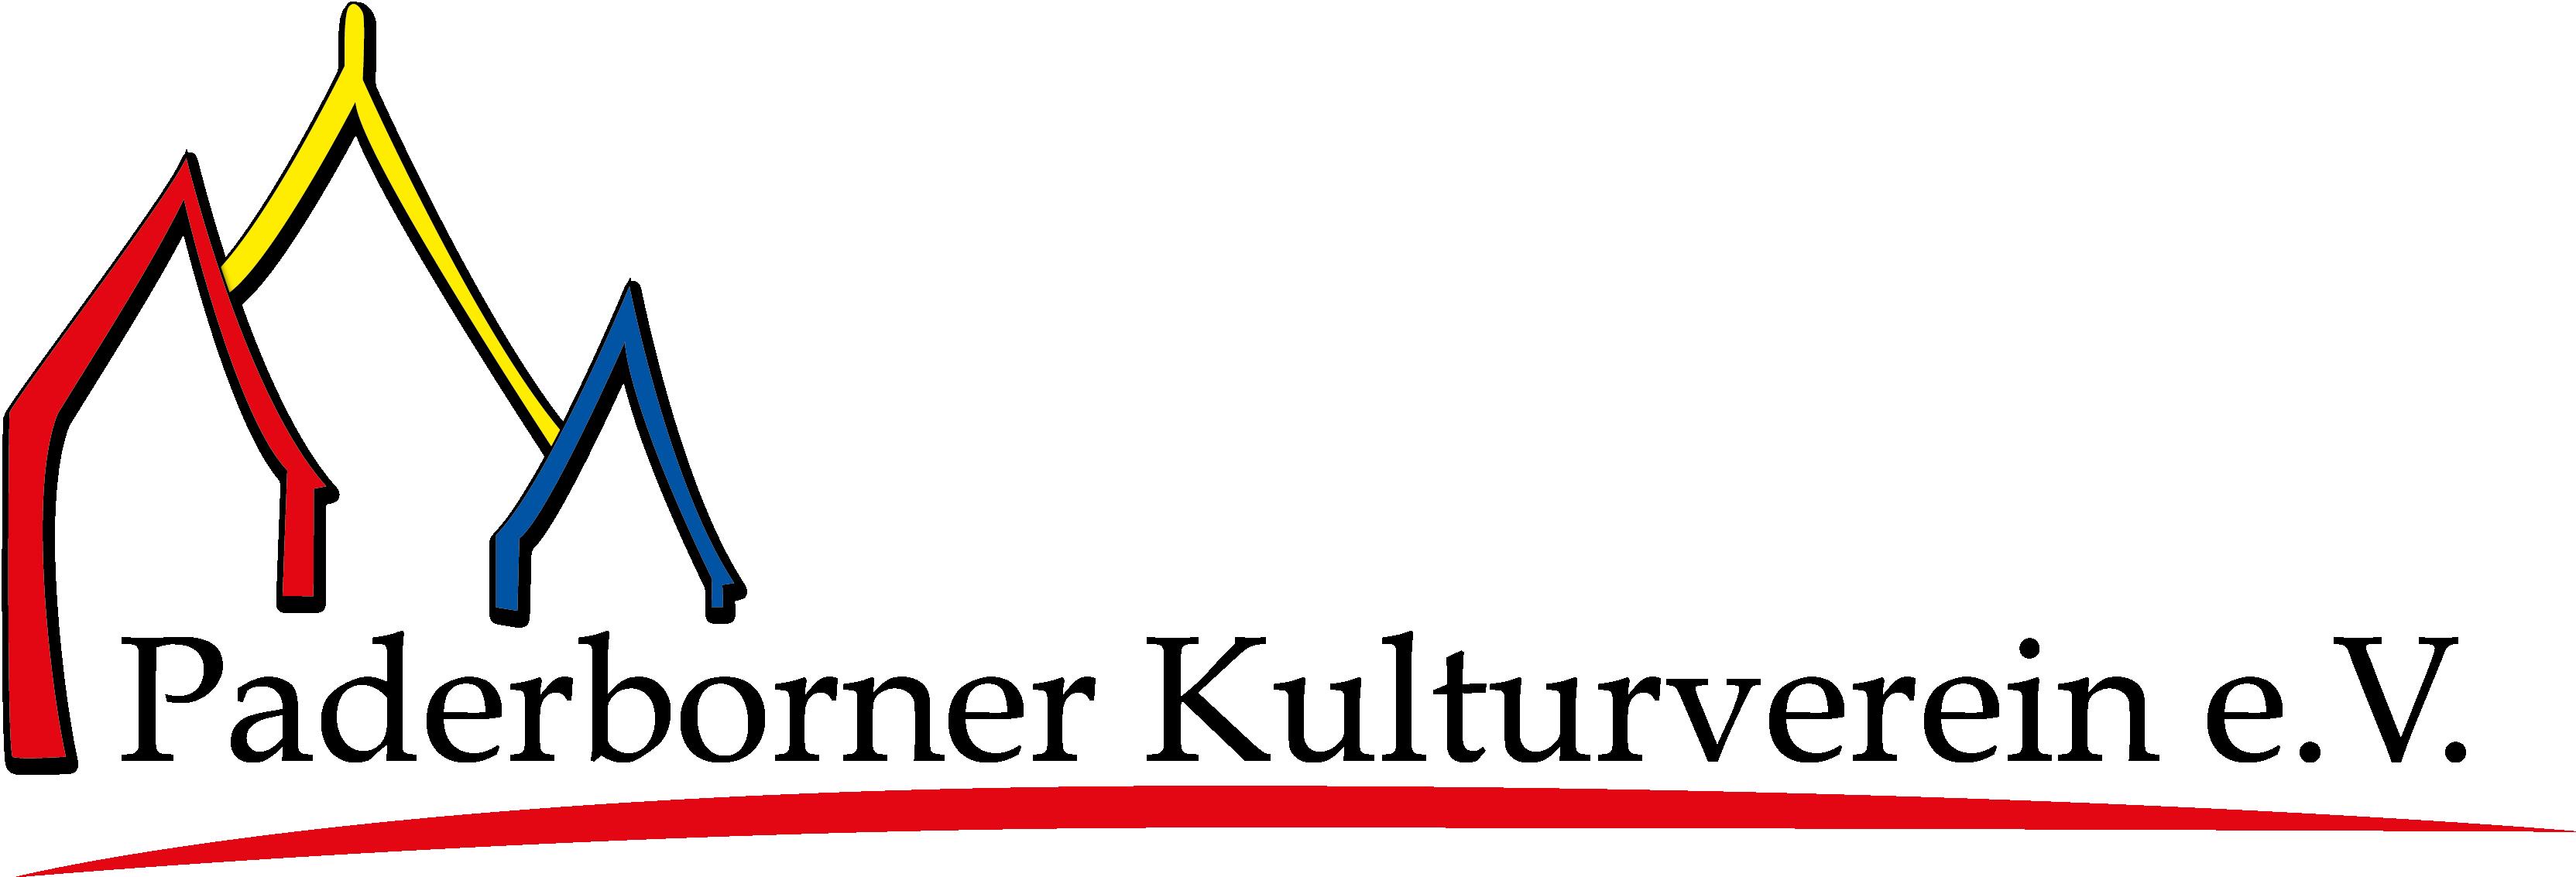 Paderborner Kulturverein e.V.